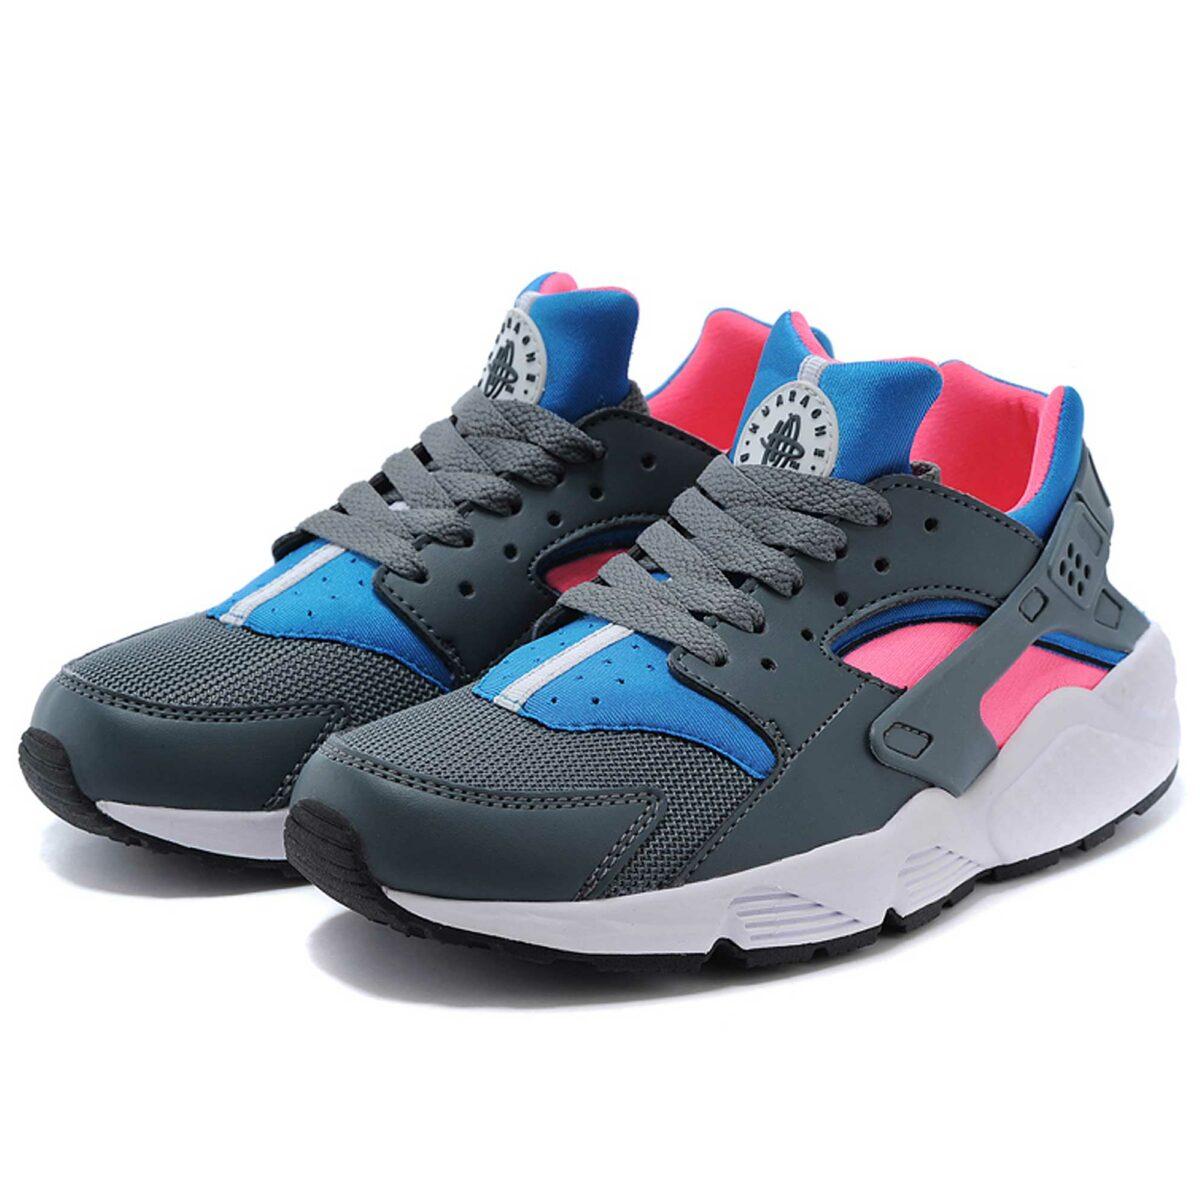 Интернет магазин купить оригинальные кроссовки Nike Air Huarache Grey Pink